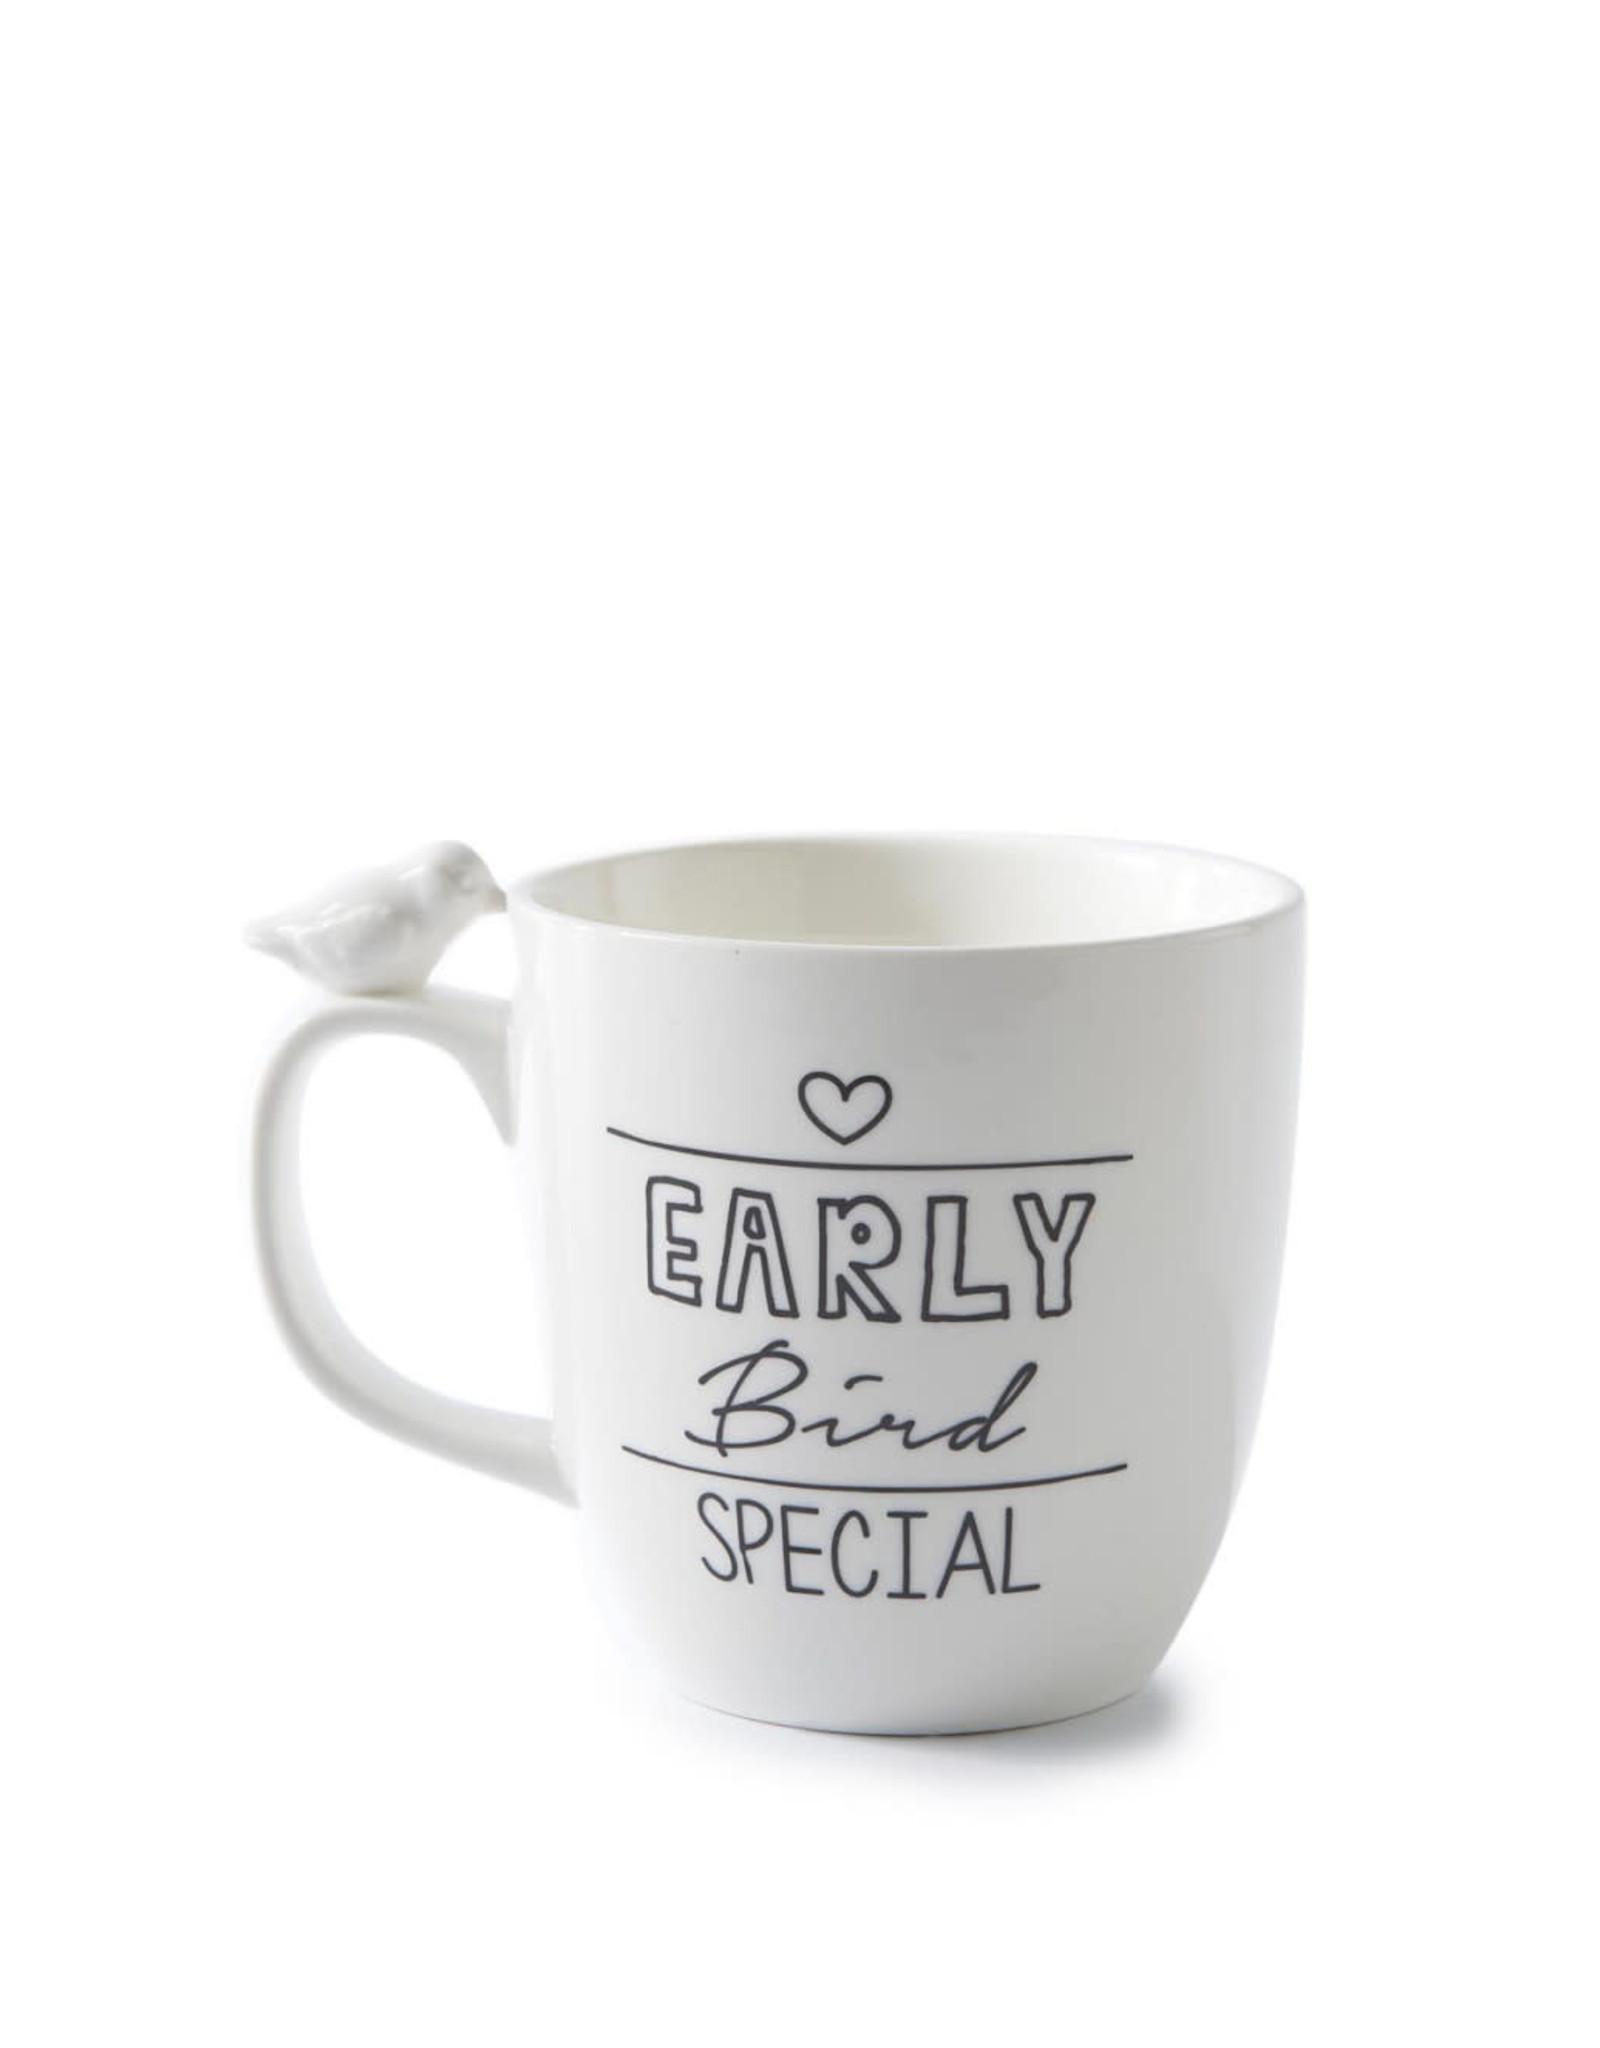 Rivièra Maison Early Bird Special Mug